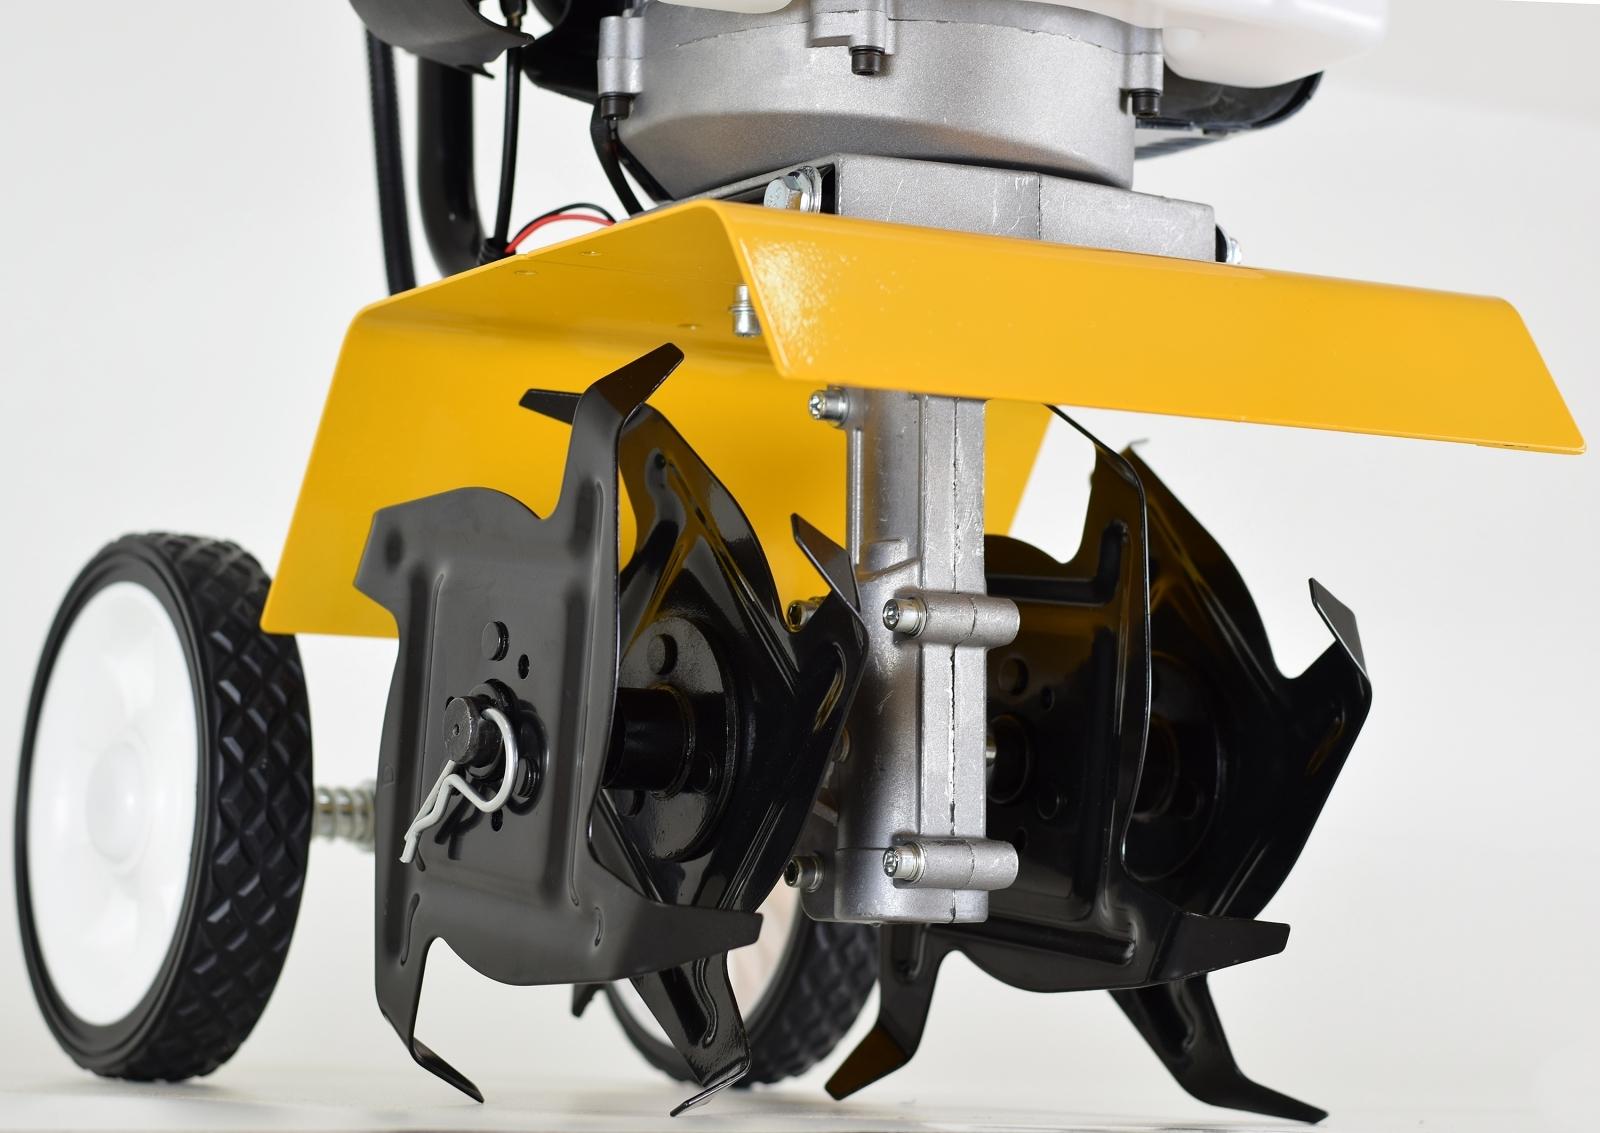 Motocultivador Enxada Rotativa para Arado Zmax 2,7hp ZT520 Er5 - Ferramentas MEP